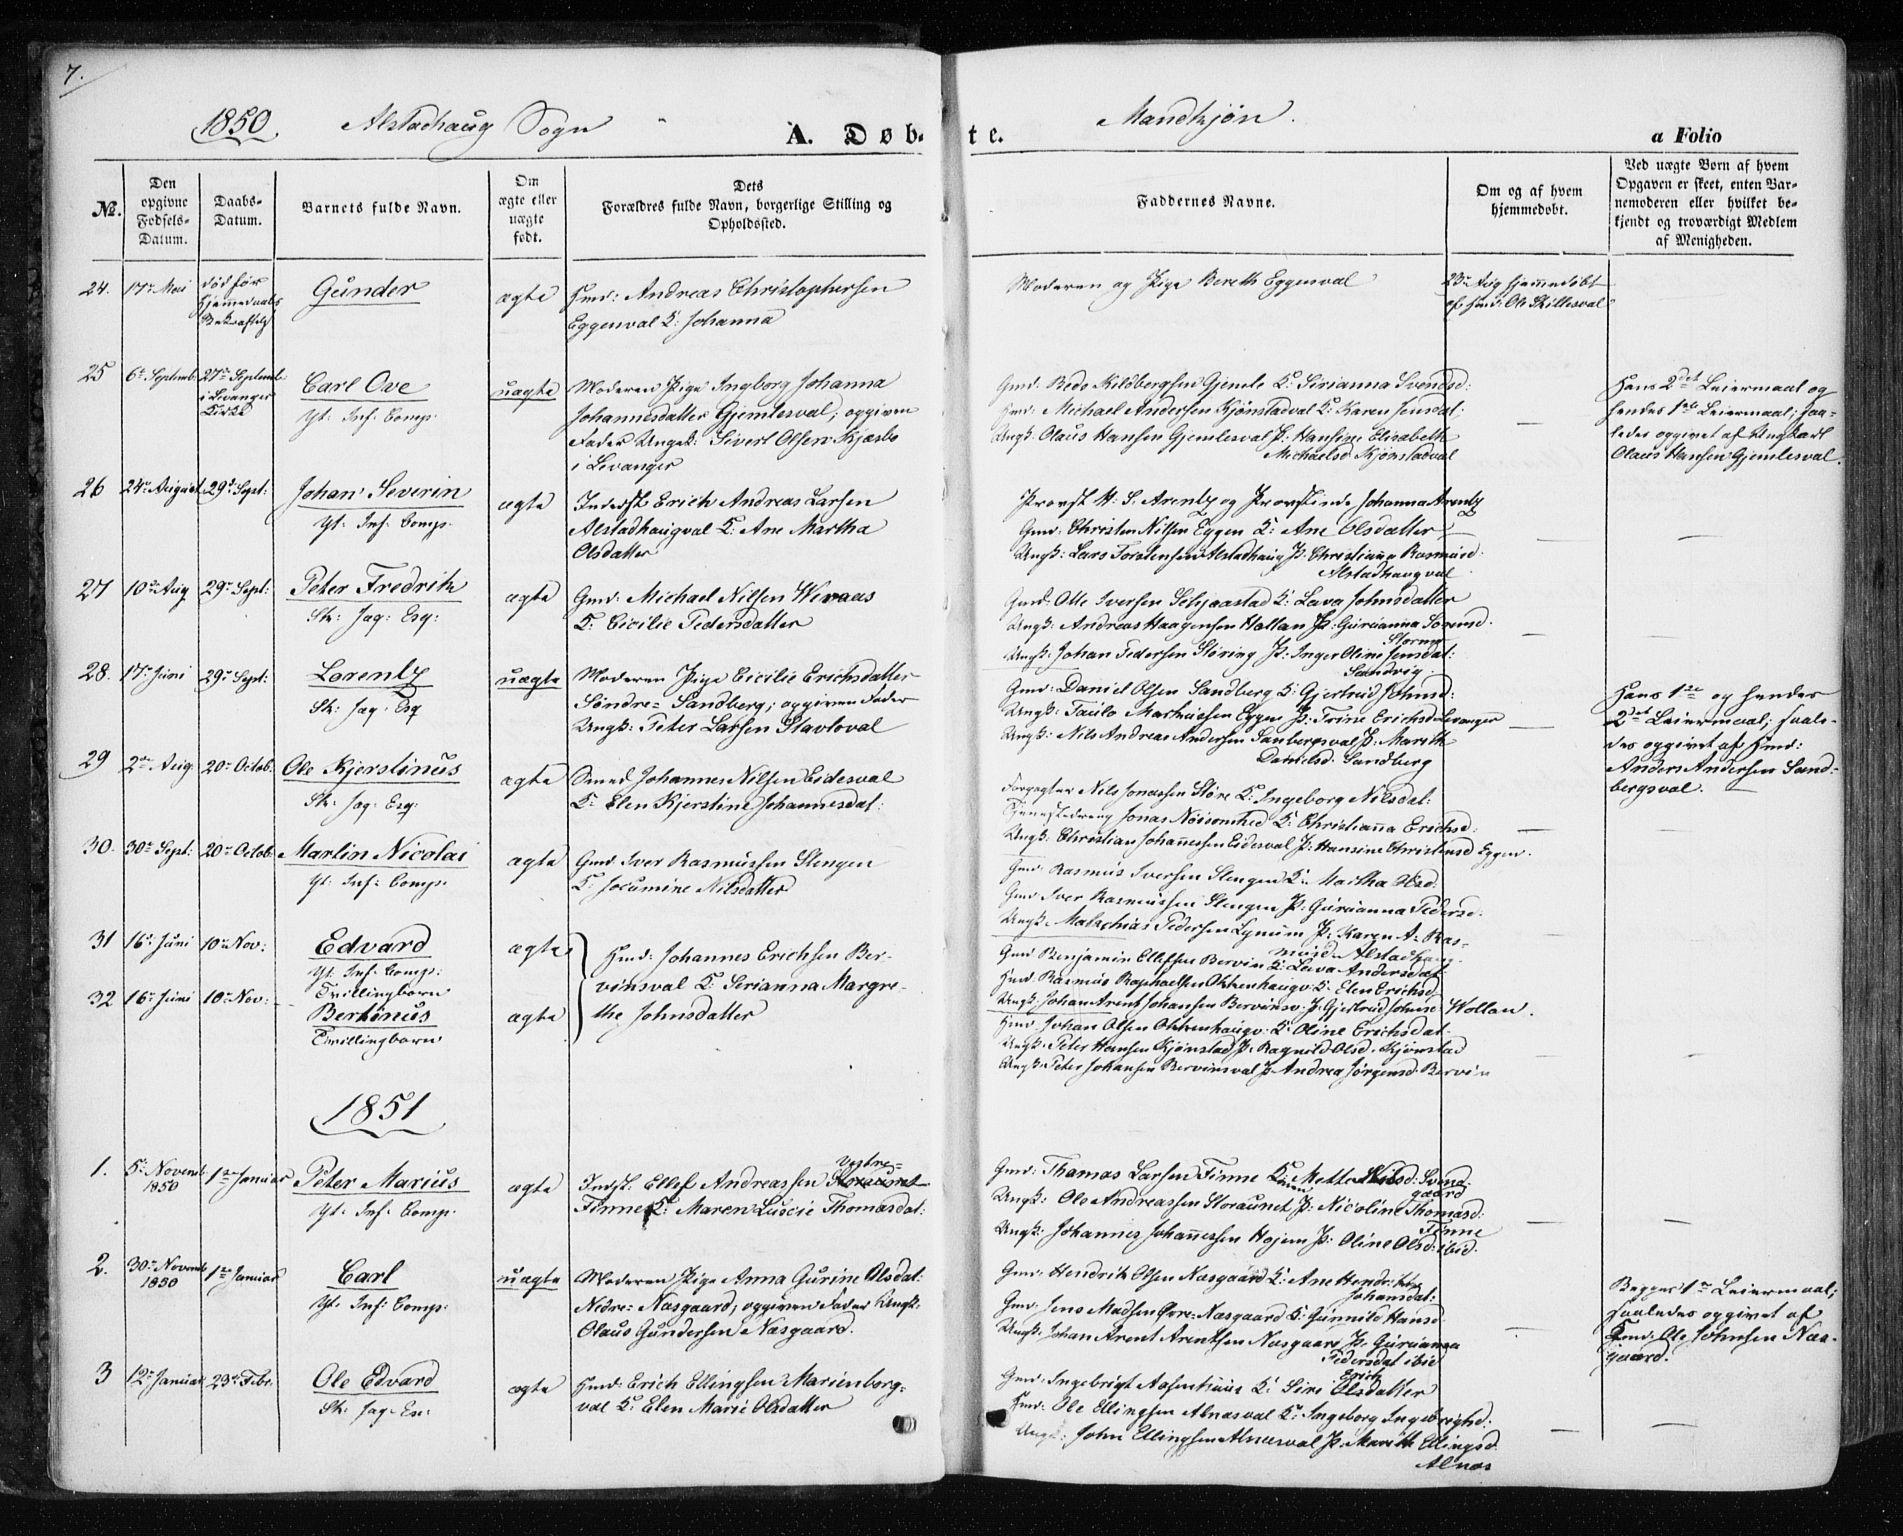 SAT, Ministerialprotokoller, klokkerbøker og fødselsregistre - Nord-Trøndelag, 717/L0154: Ministerialbok nr. 717A07 /1, 1850-1862, s. 7